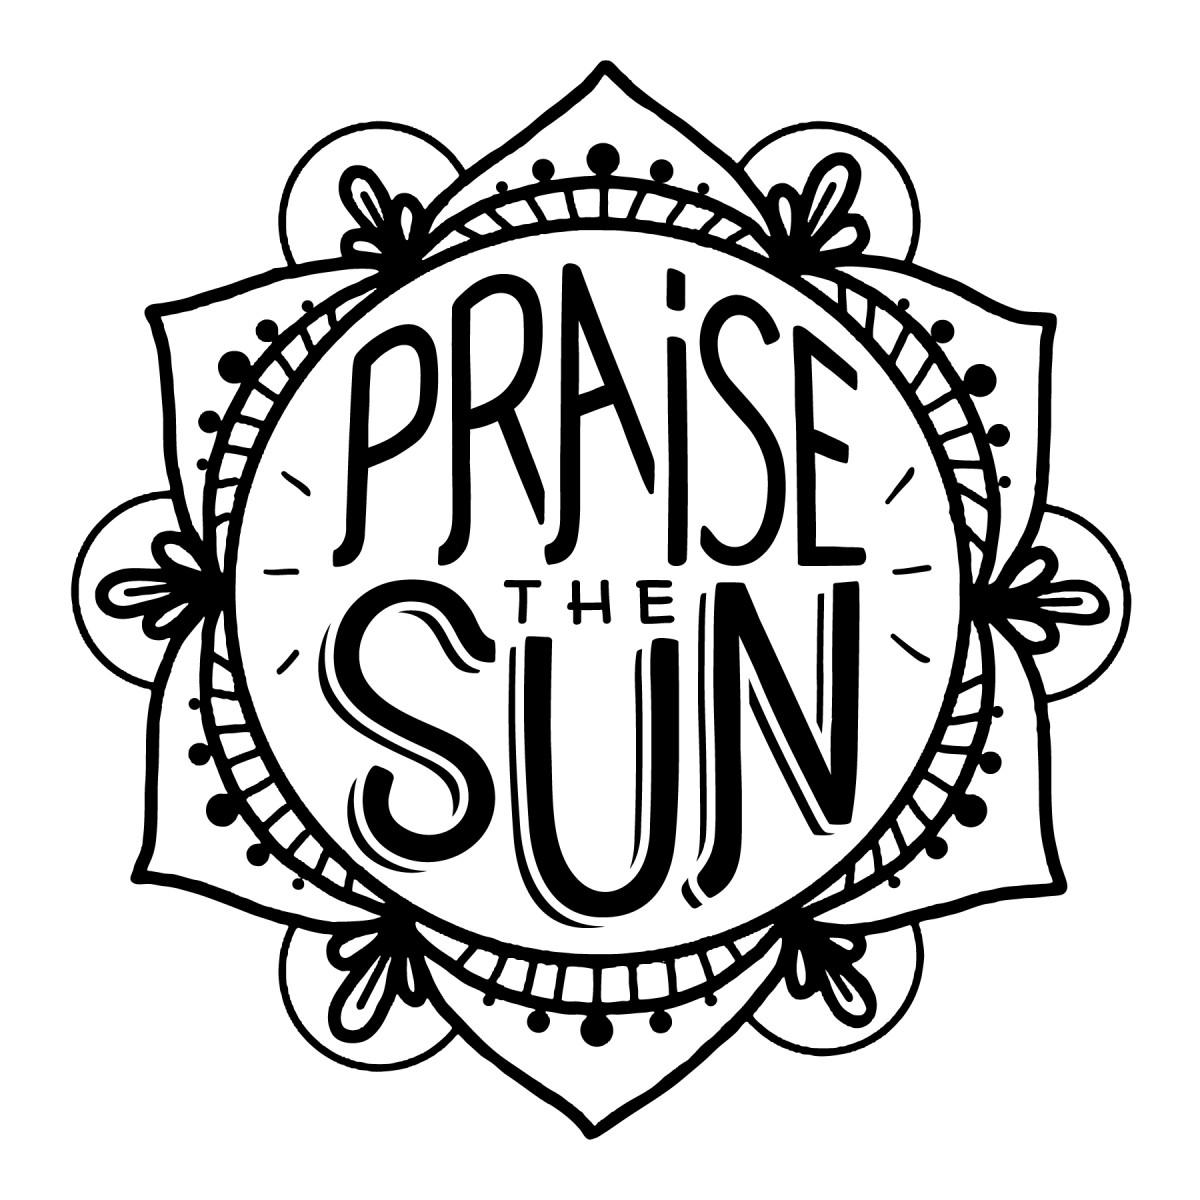 Praise the Sun Shop